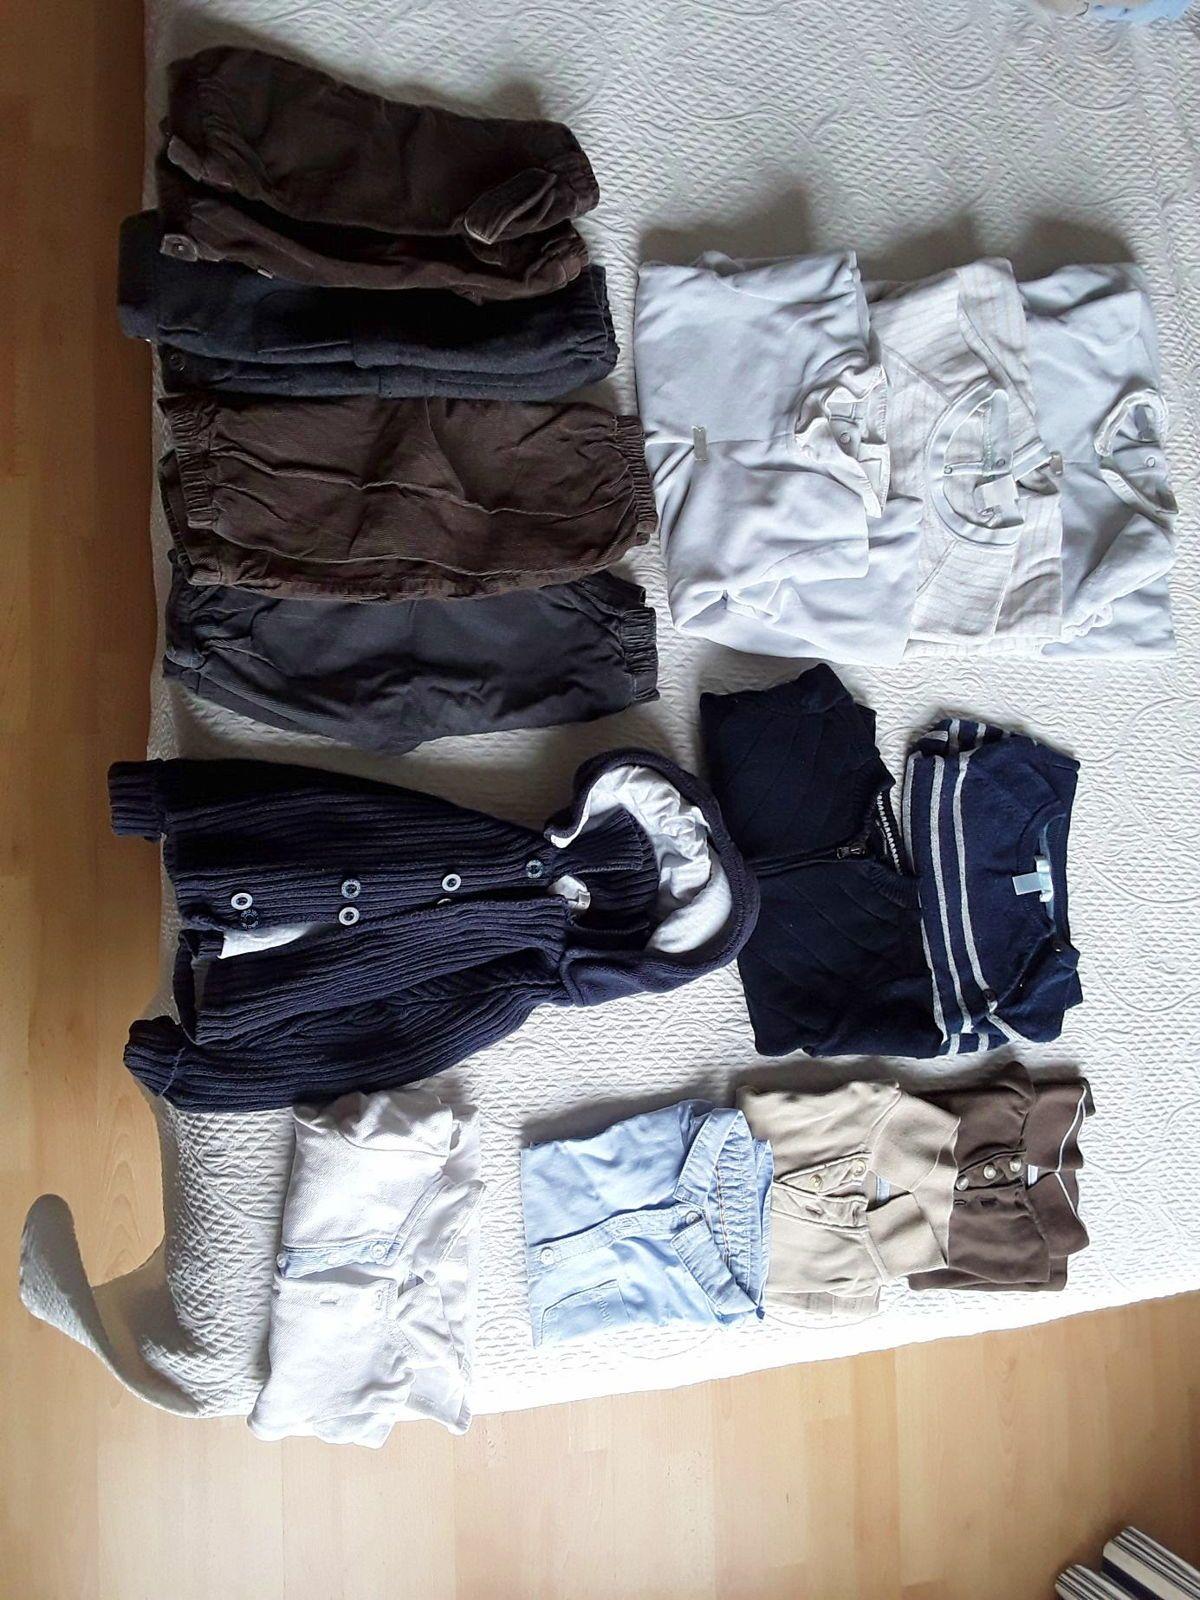 Vends vêtements hiver garçon, taille 12mois et 9mois